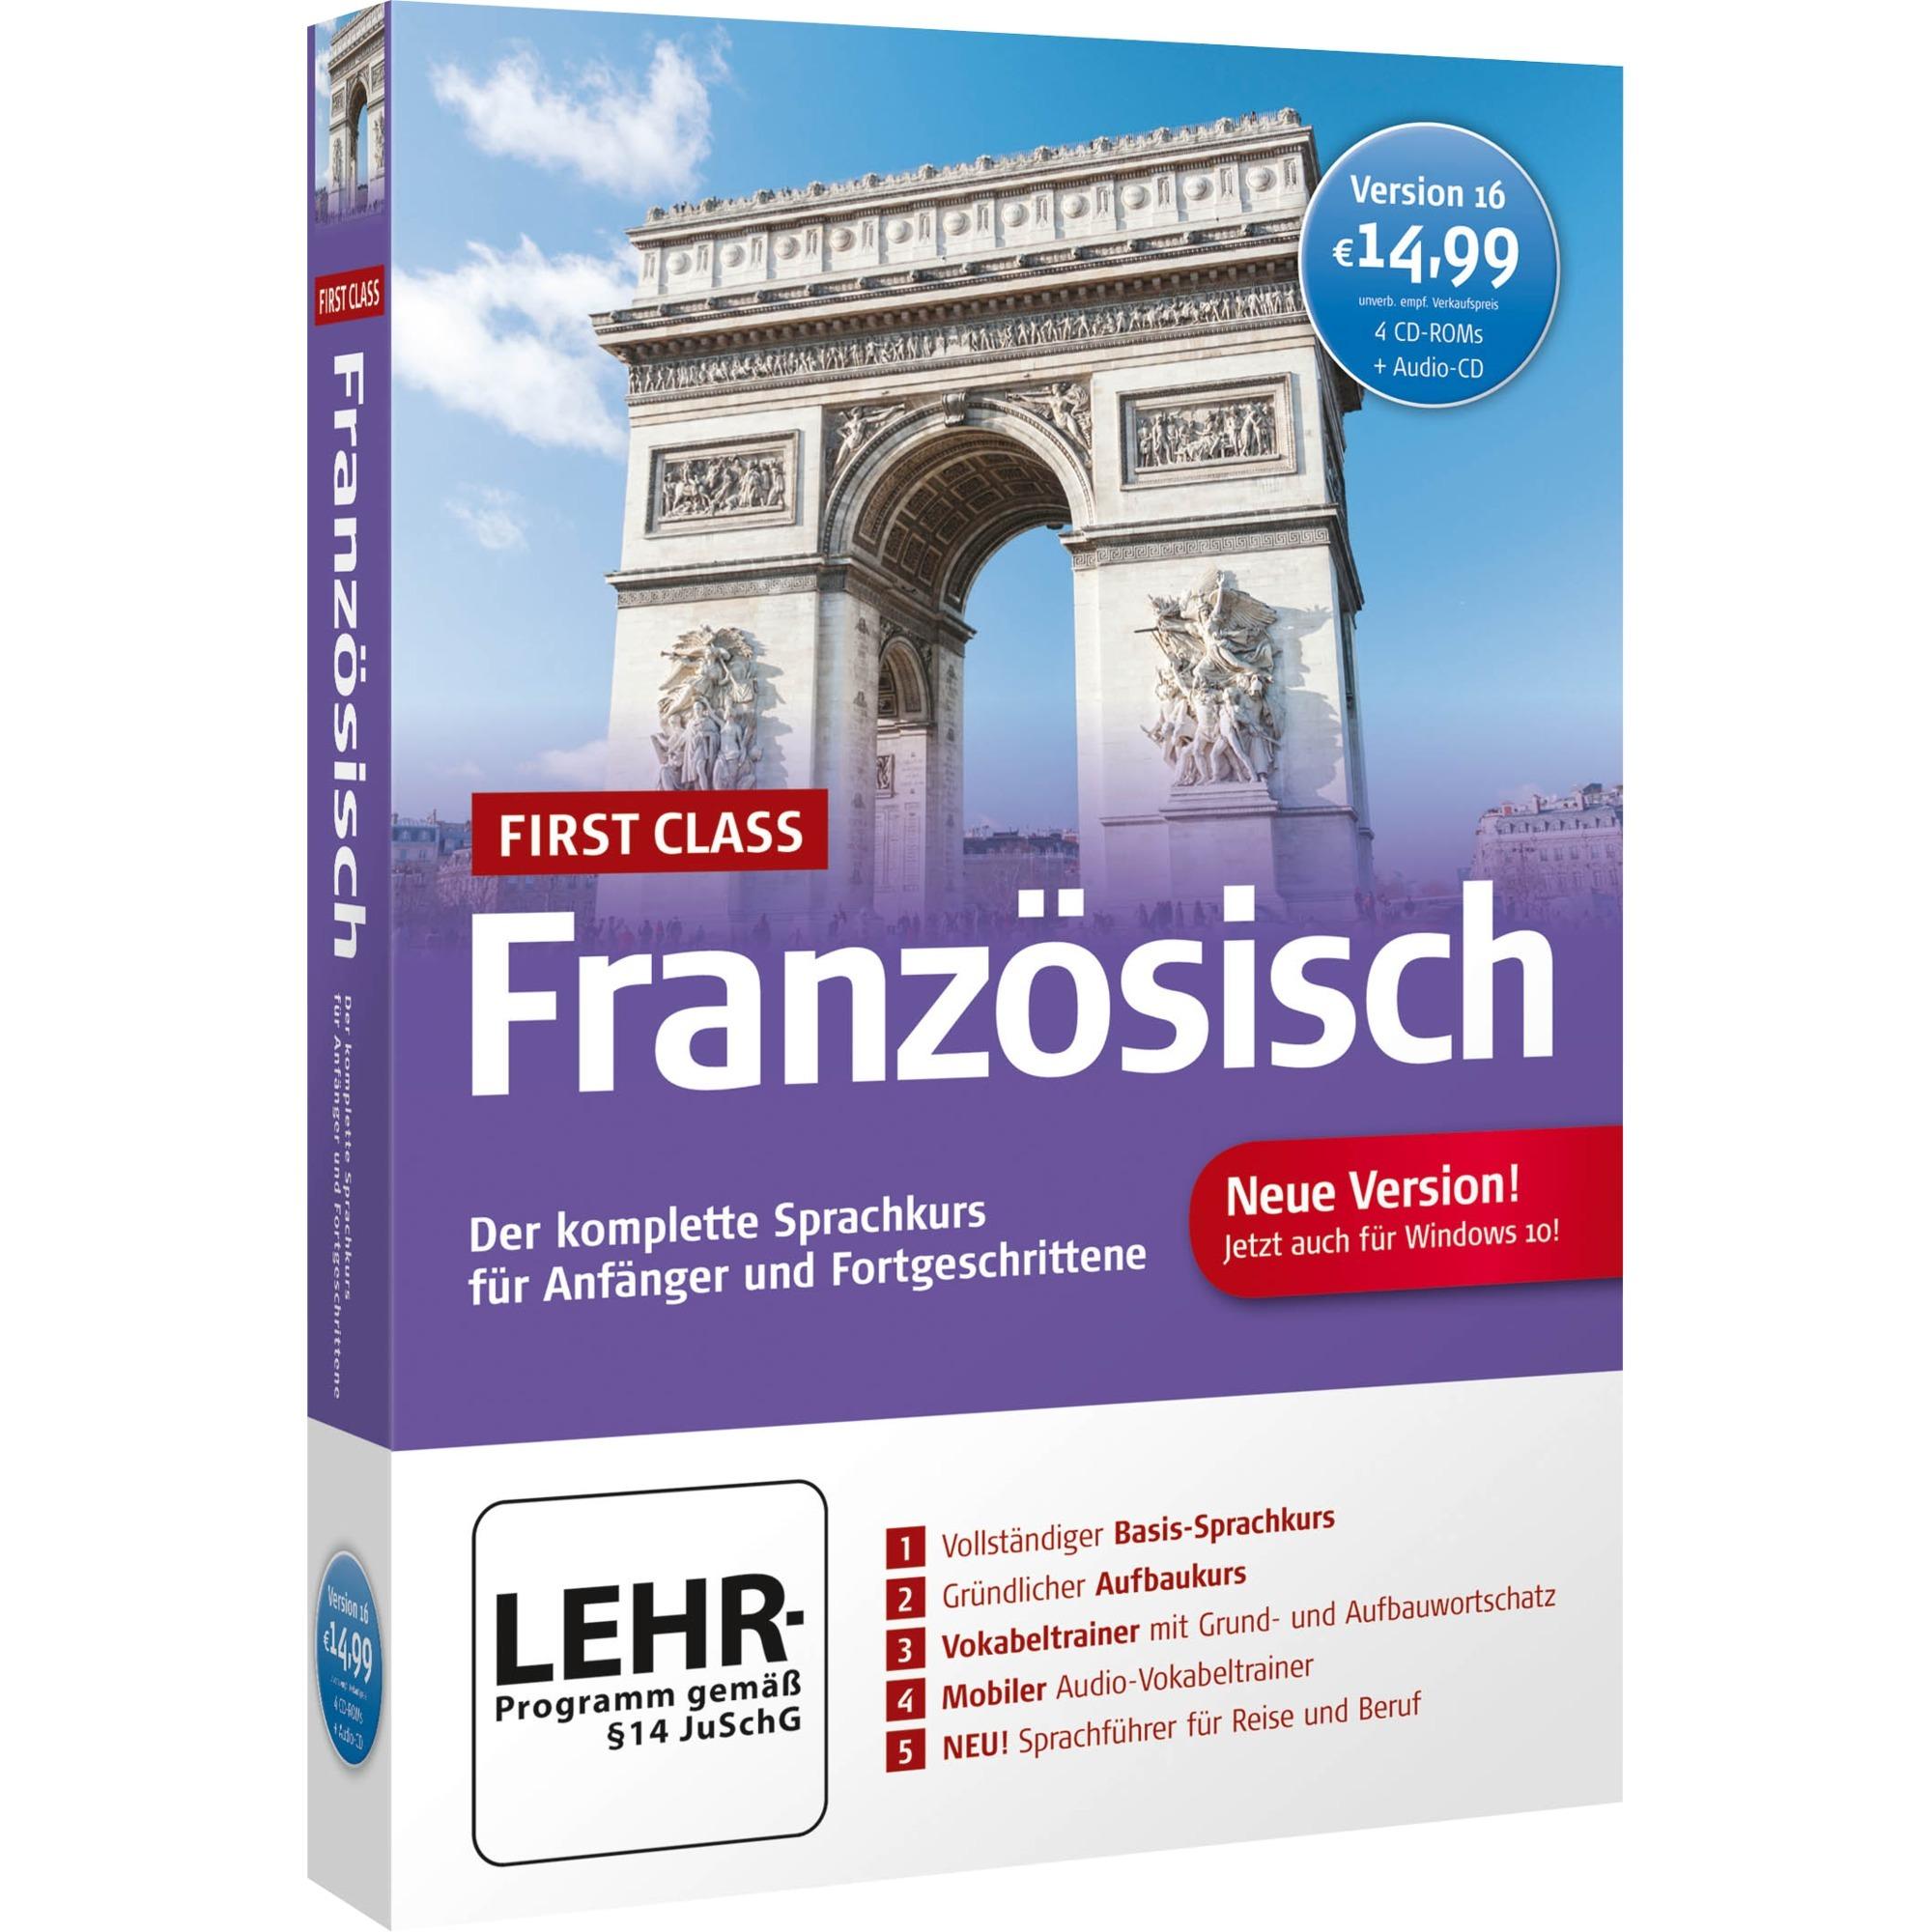 first-class-sprachkurs-franzoesisch-160